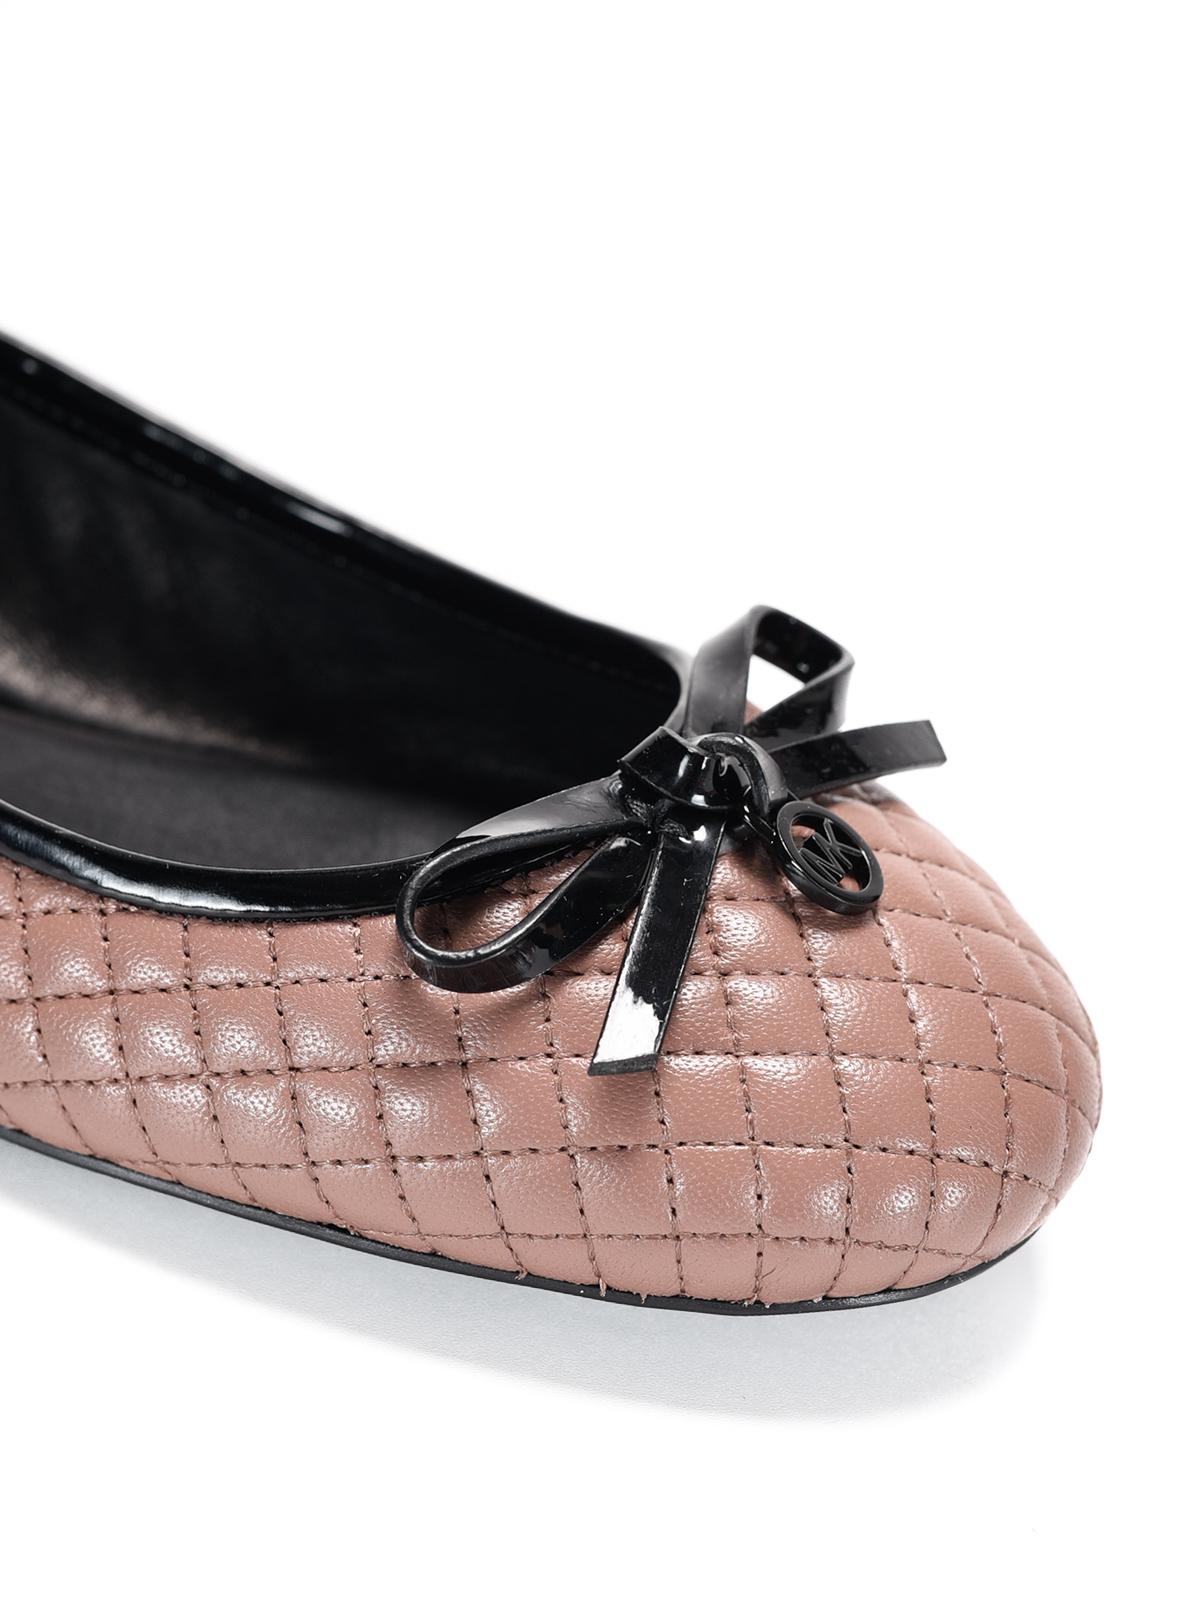 michael kors shoes shop online borsa michael kors borchie michael kors sito michael kors. Black Bedroom Furniture Sets. Home Design Ideas